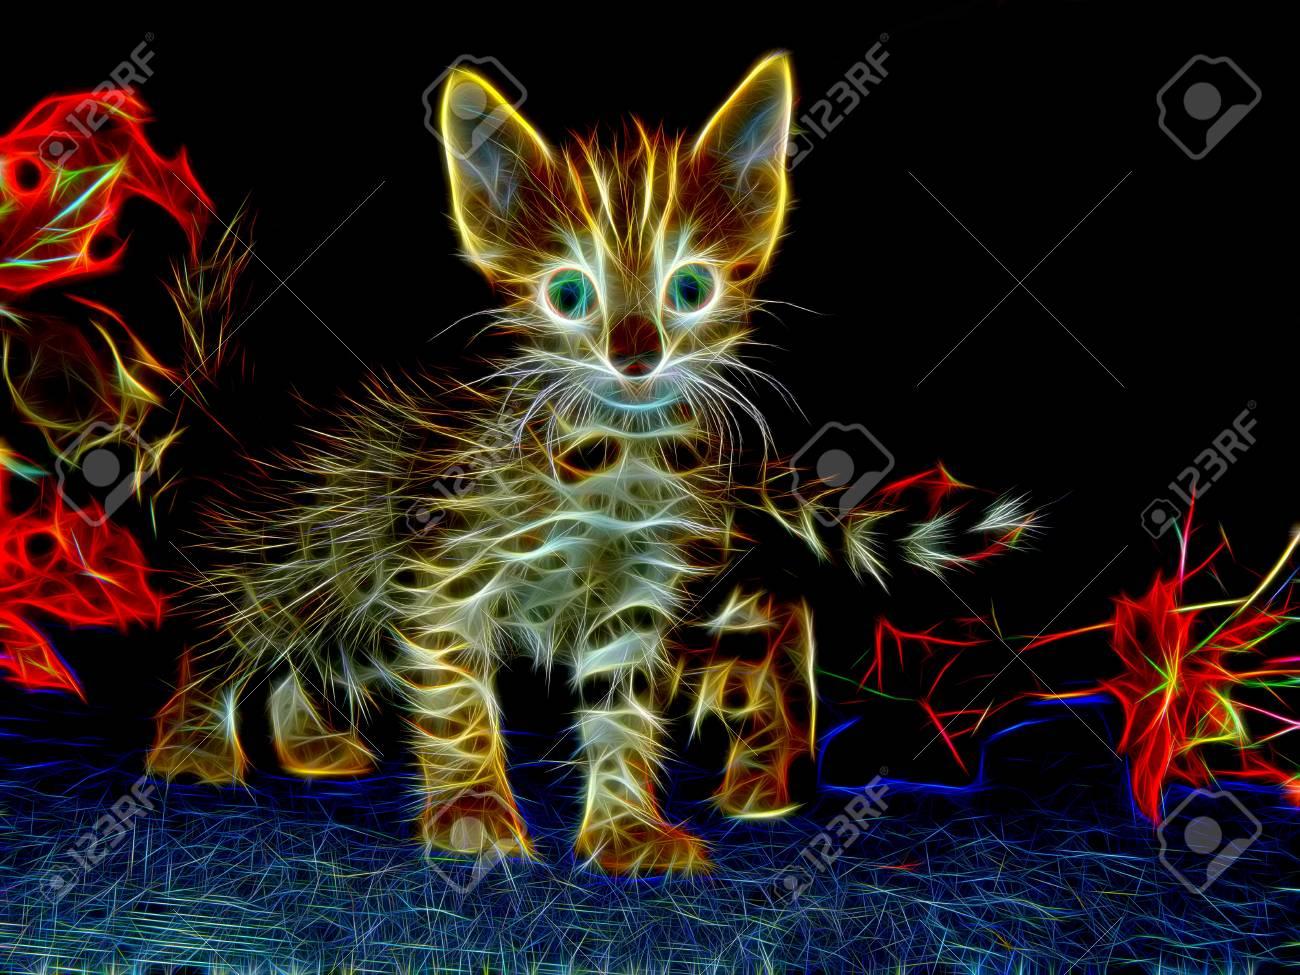 Imagen De Un Gato En Luz De Neón